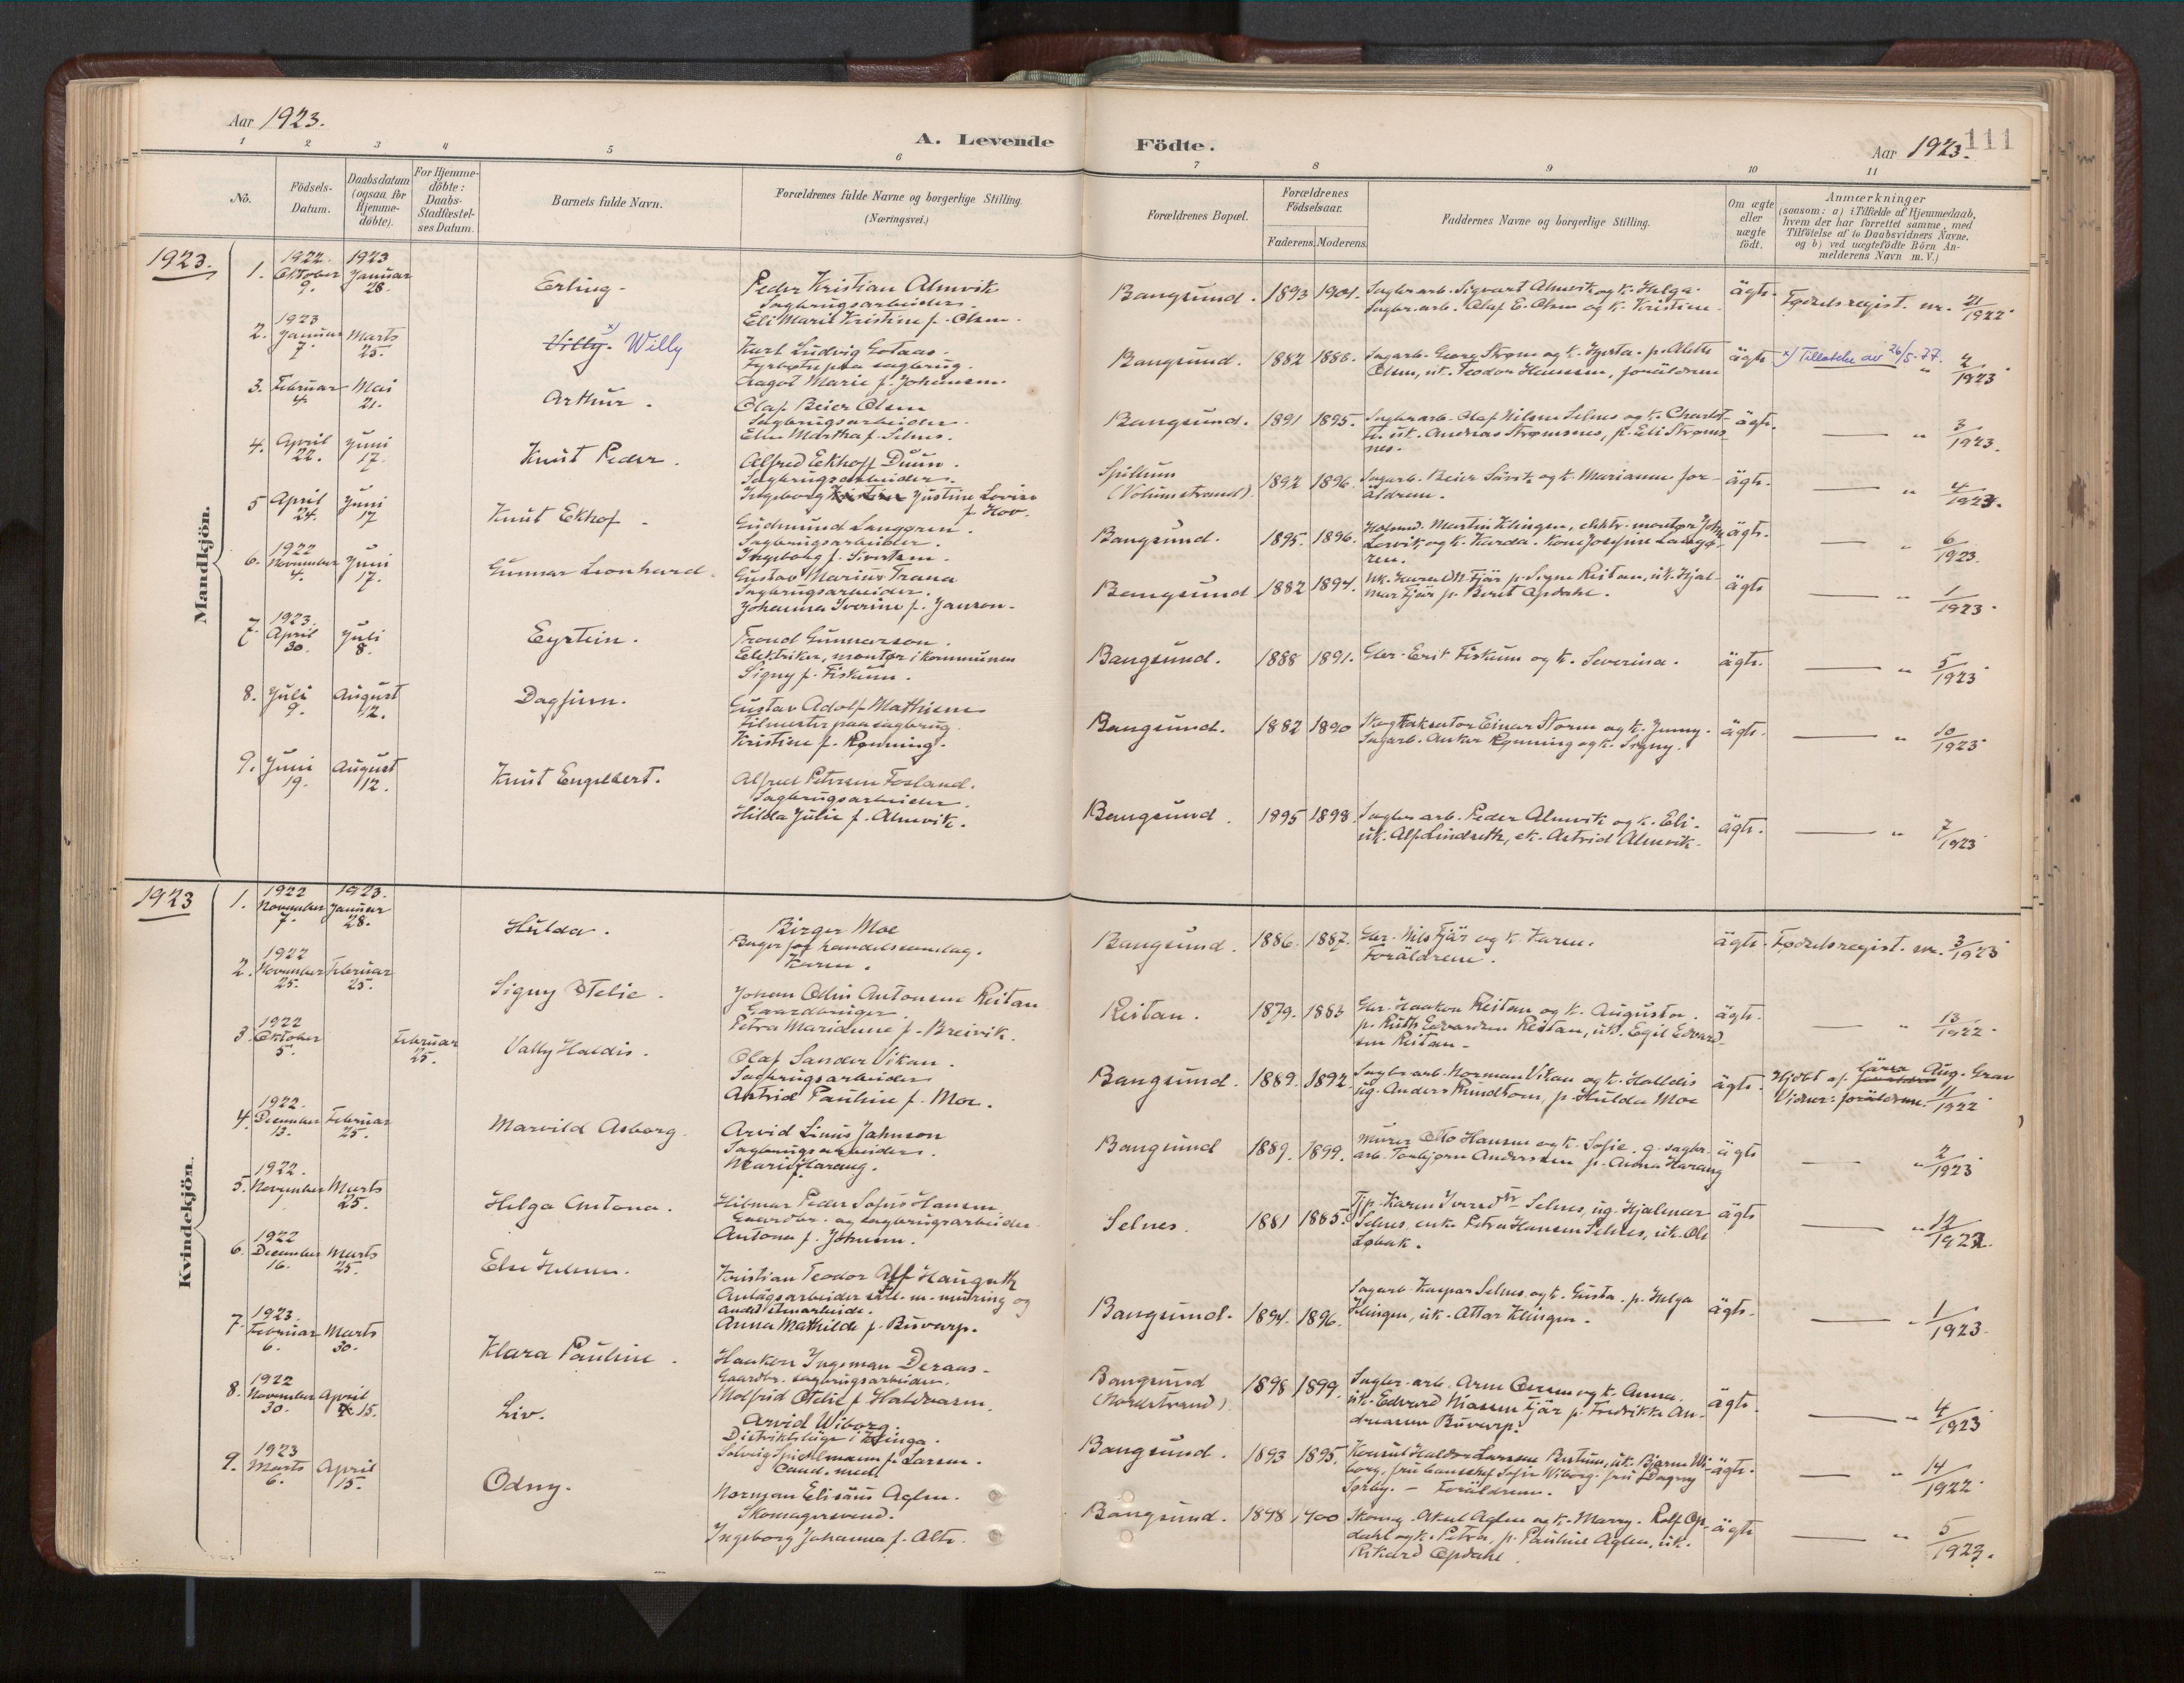 SAT, Ministerialprotokoller, klokkerbøker og fødselsregistre - Nord-Trøndelag, 770/L0589: Ministerialbok nr. 770A03, 1887-1929, s. 111